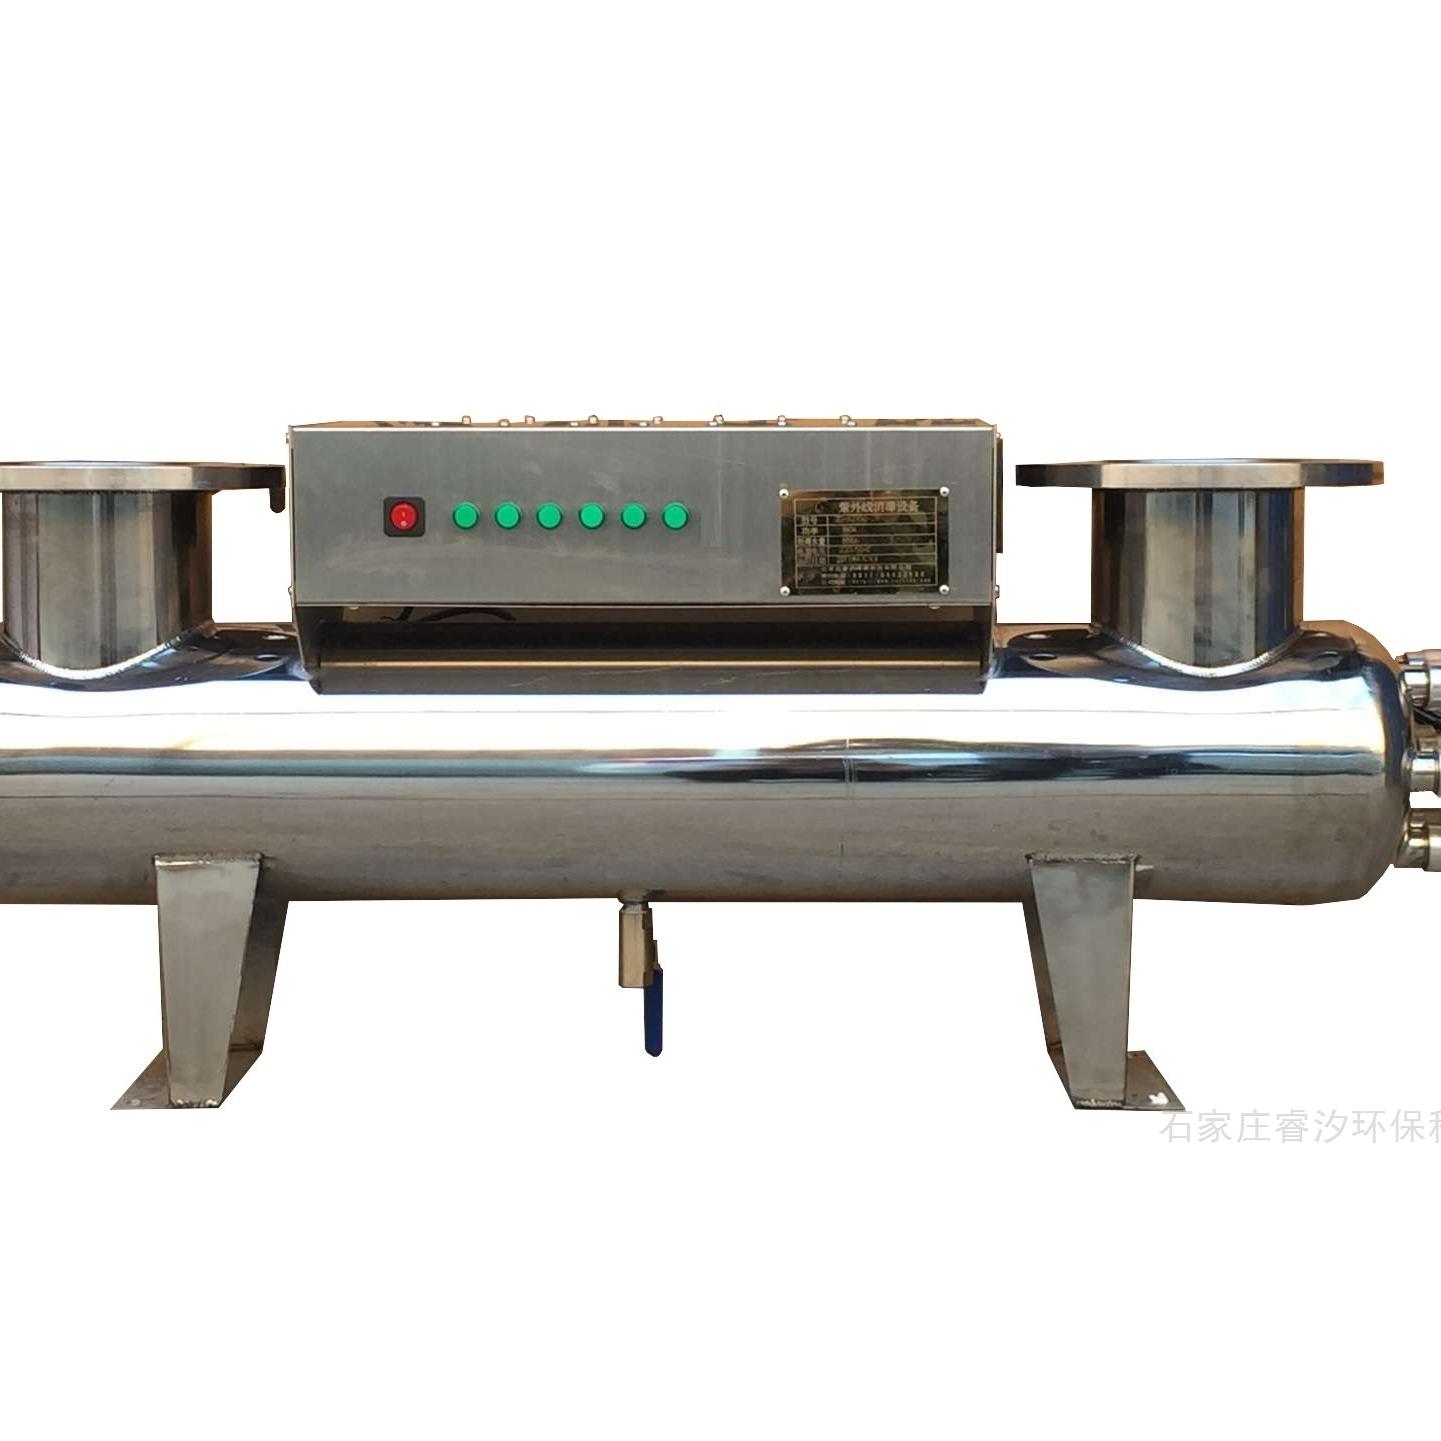 郑州大型紫外线消毒器设备